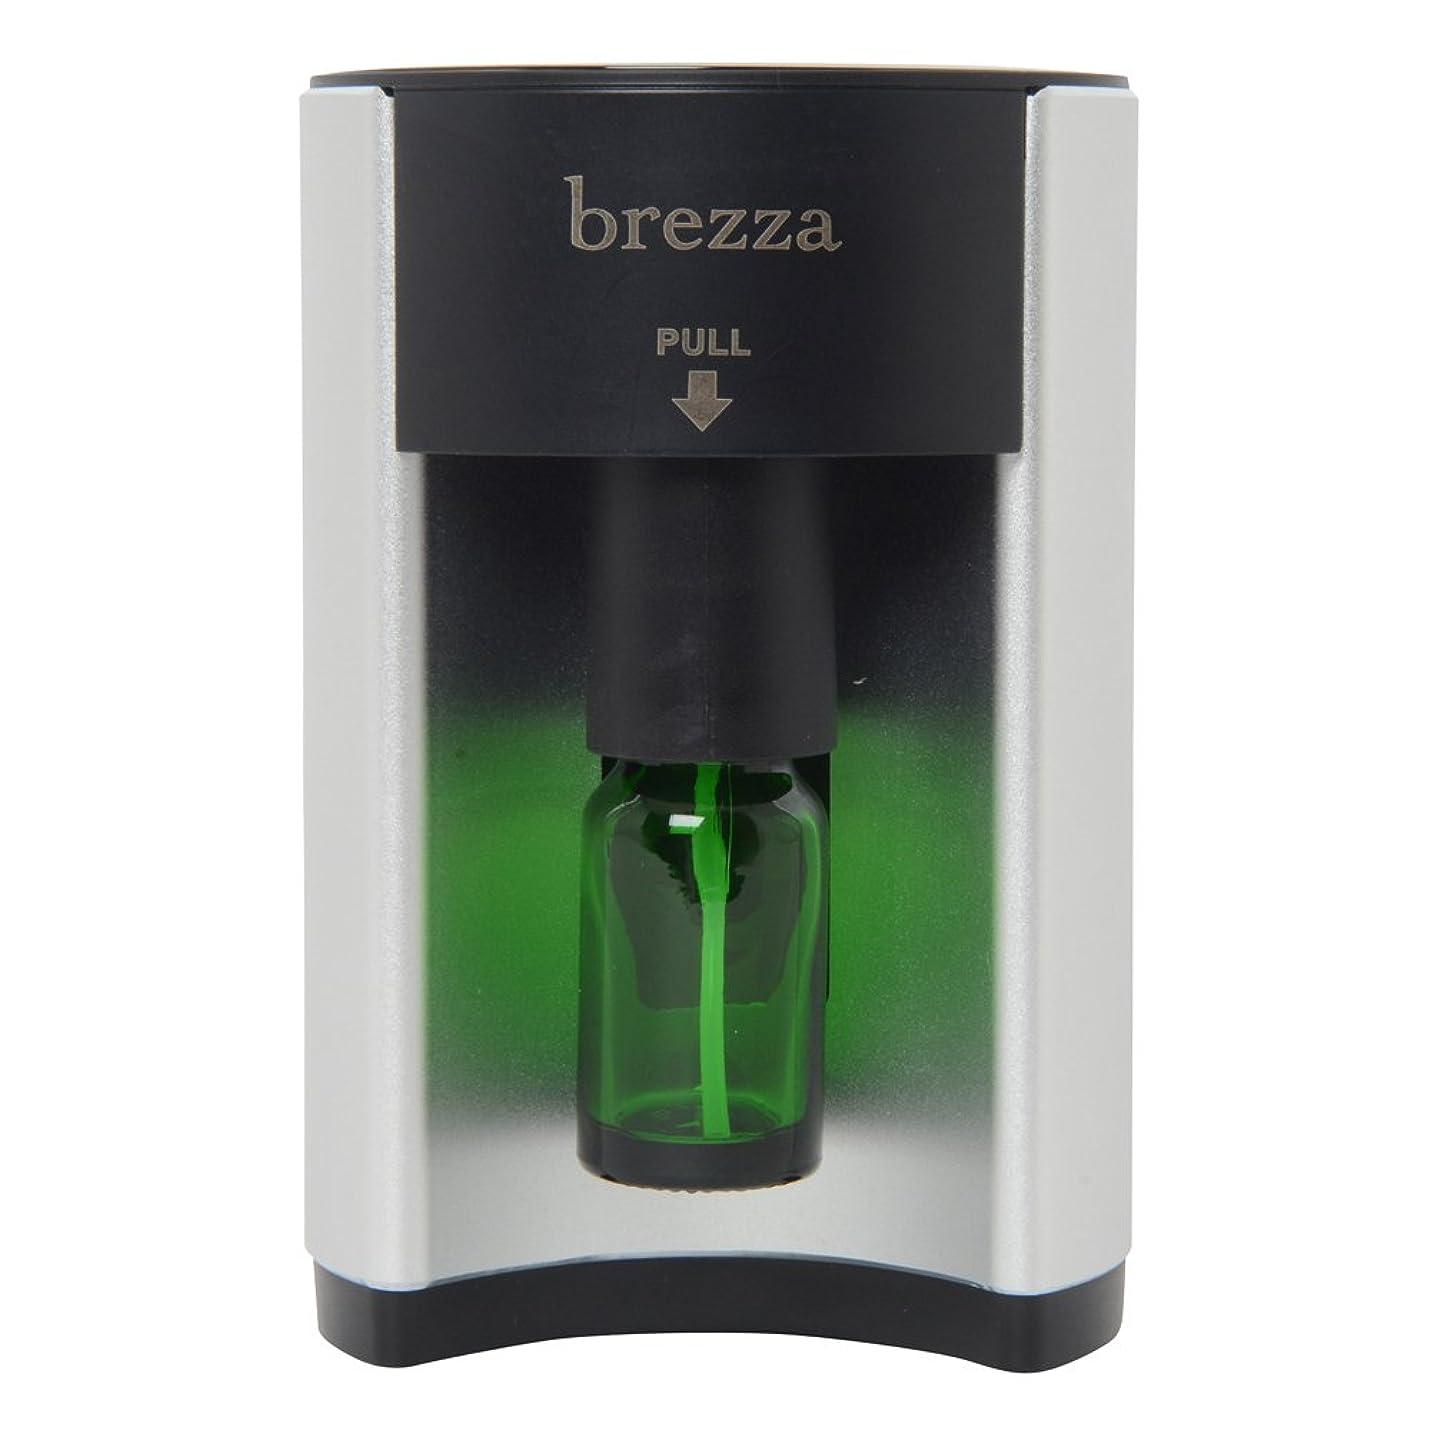 ブース品ビートフレーバーライフ brezza(ブレッザ) アロマディフューザー